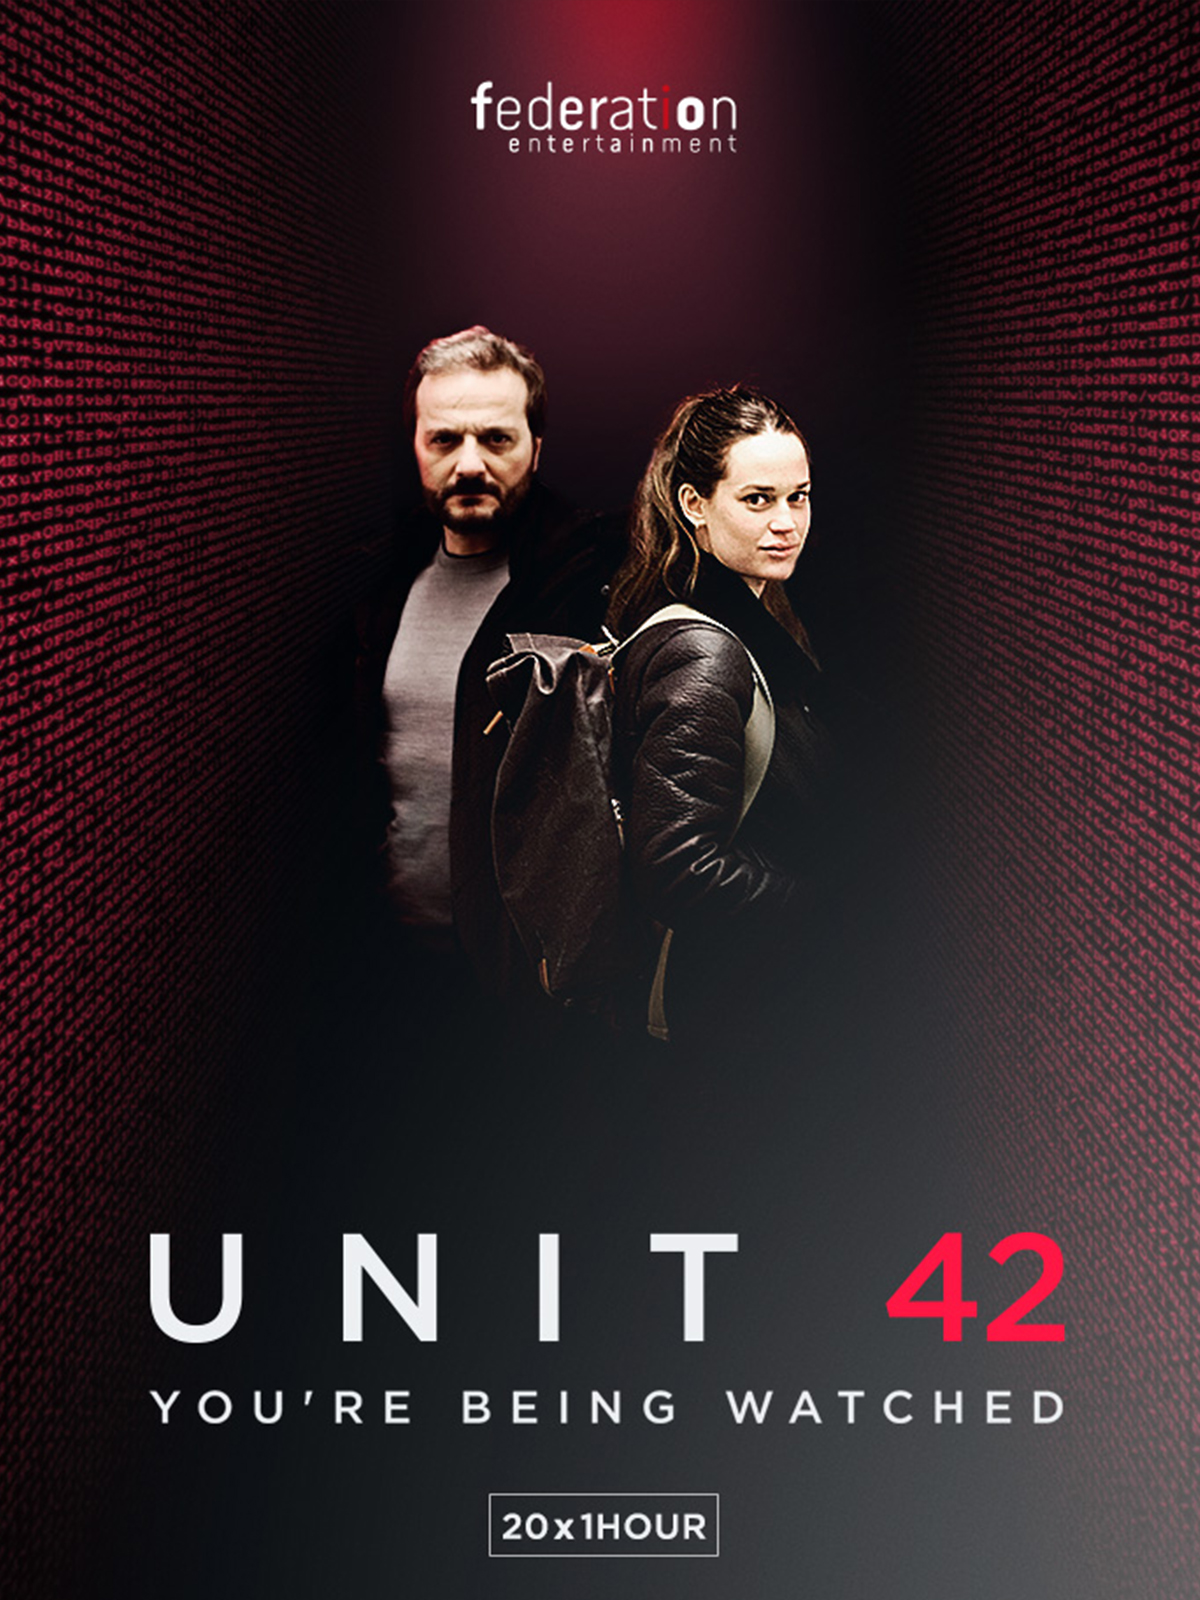 fic_unite-42_vertical